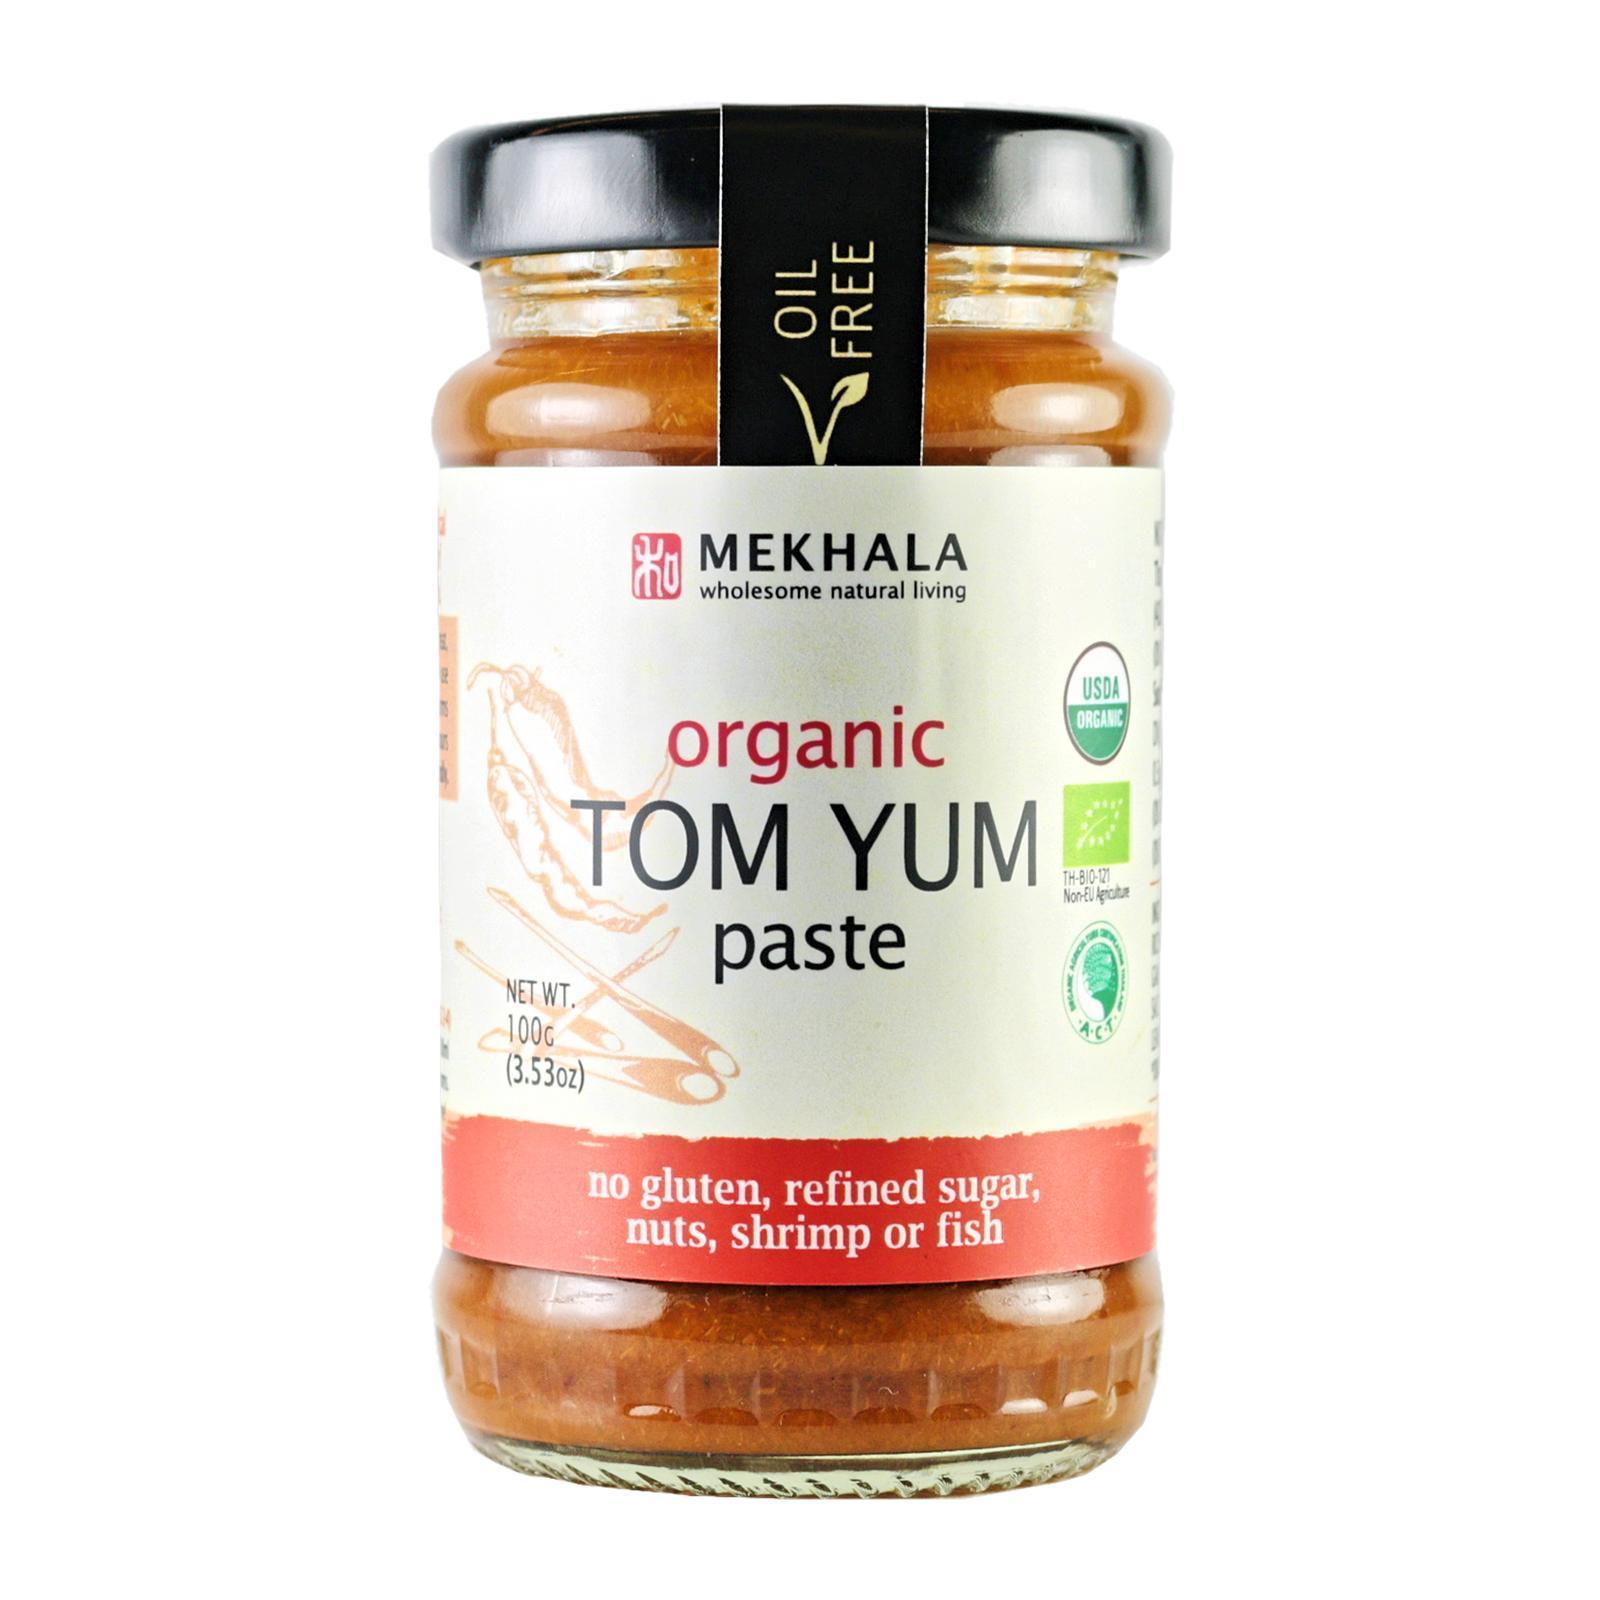 Mekhala Organic (All-Natural) Tom Yum Paste